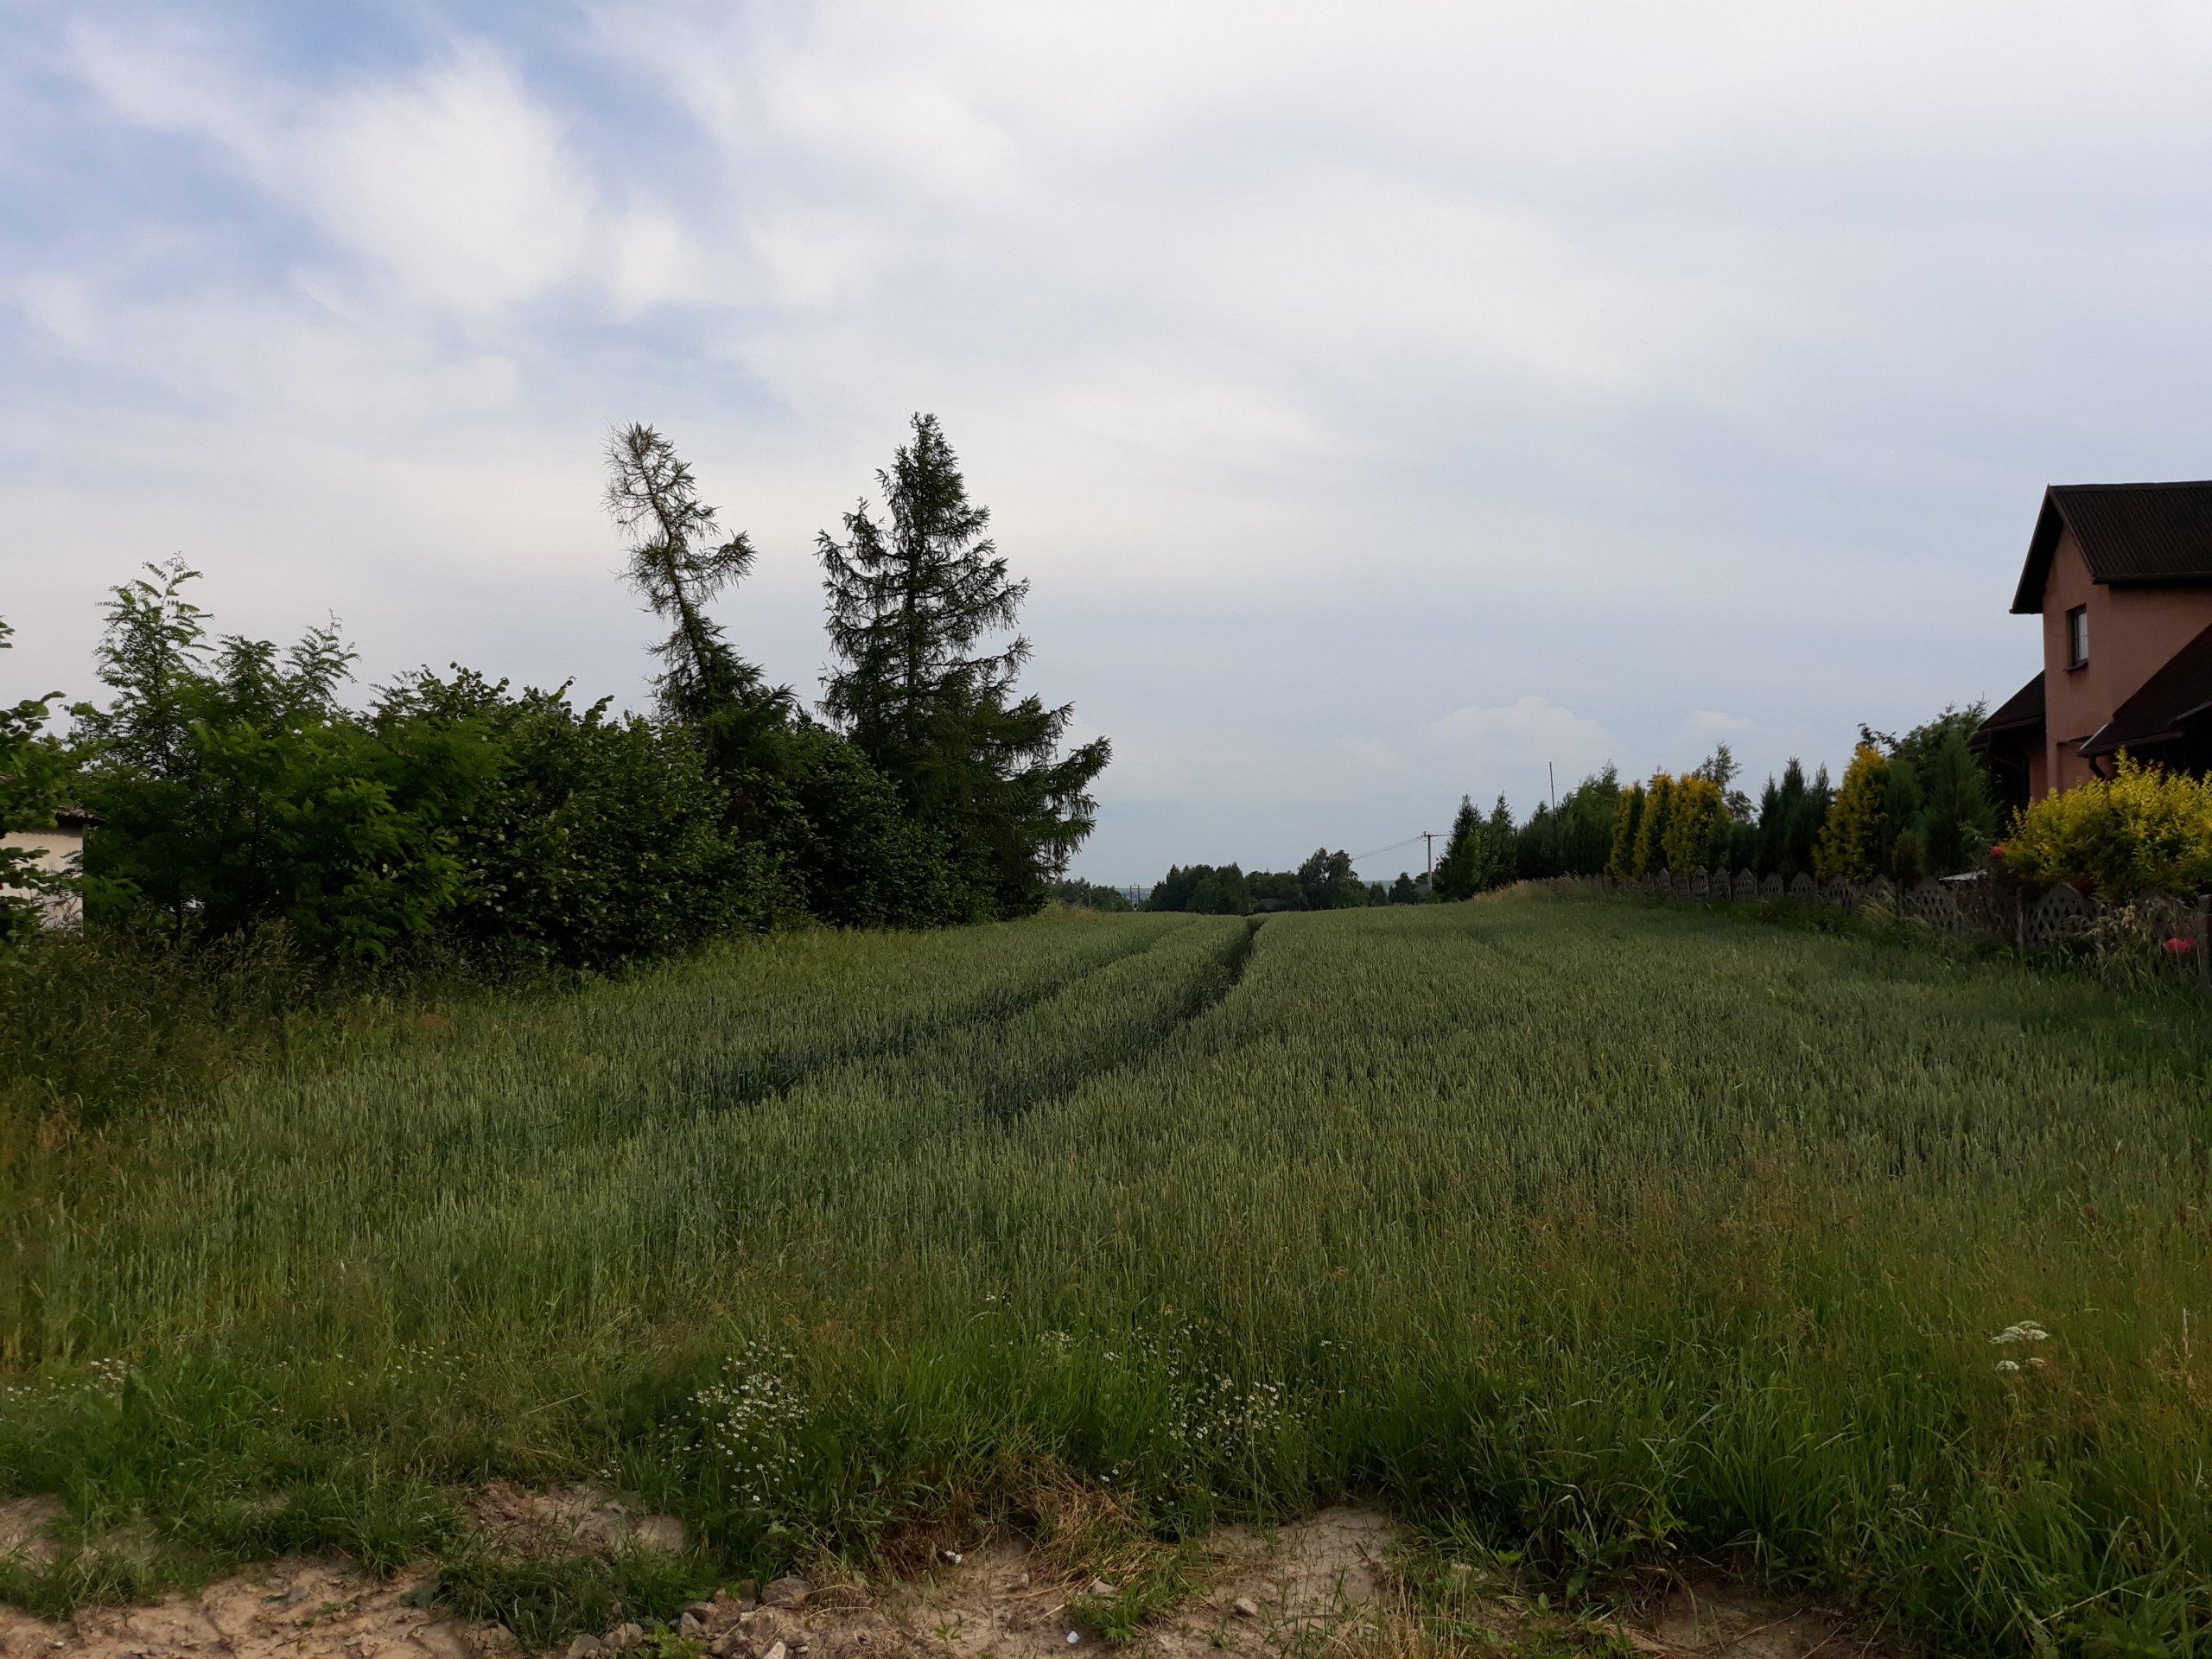 Działka budowlano-rolna,prąd,woda,gaz, 1,10 ha.